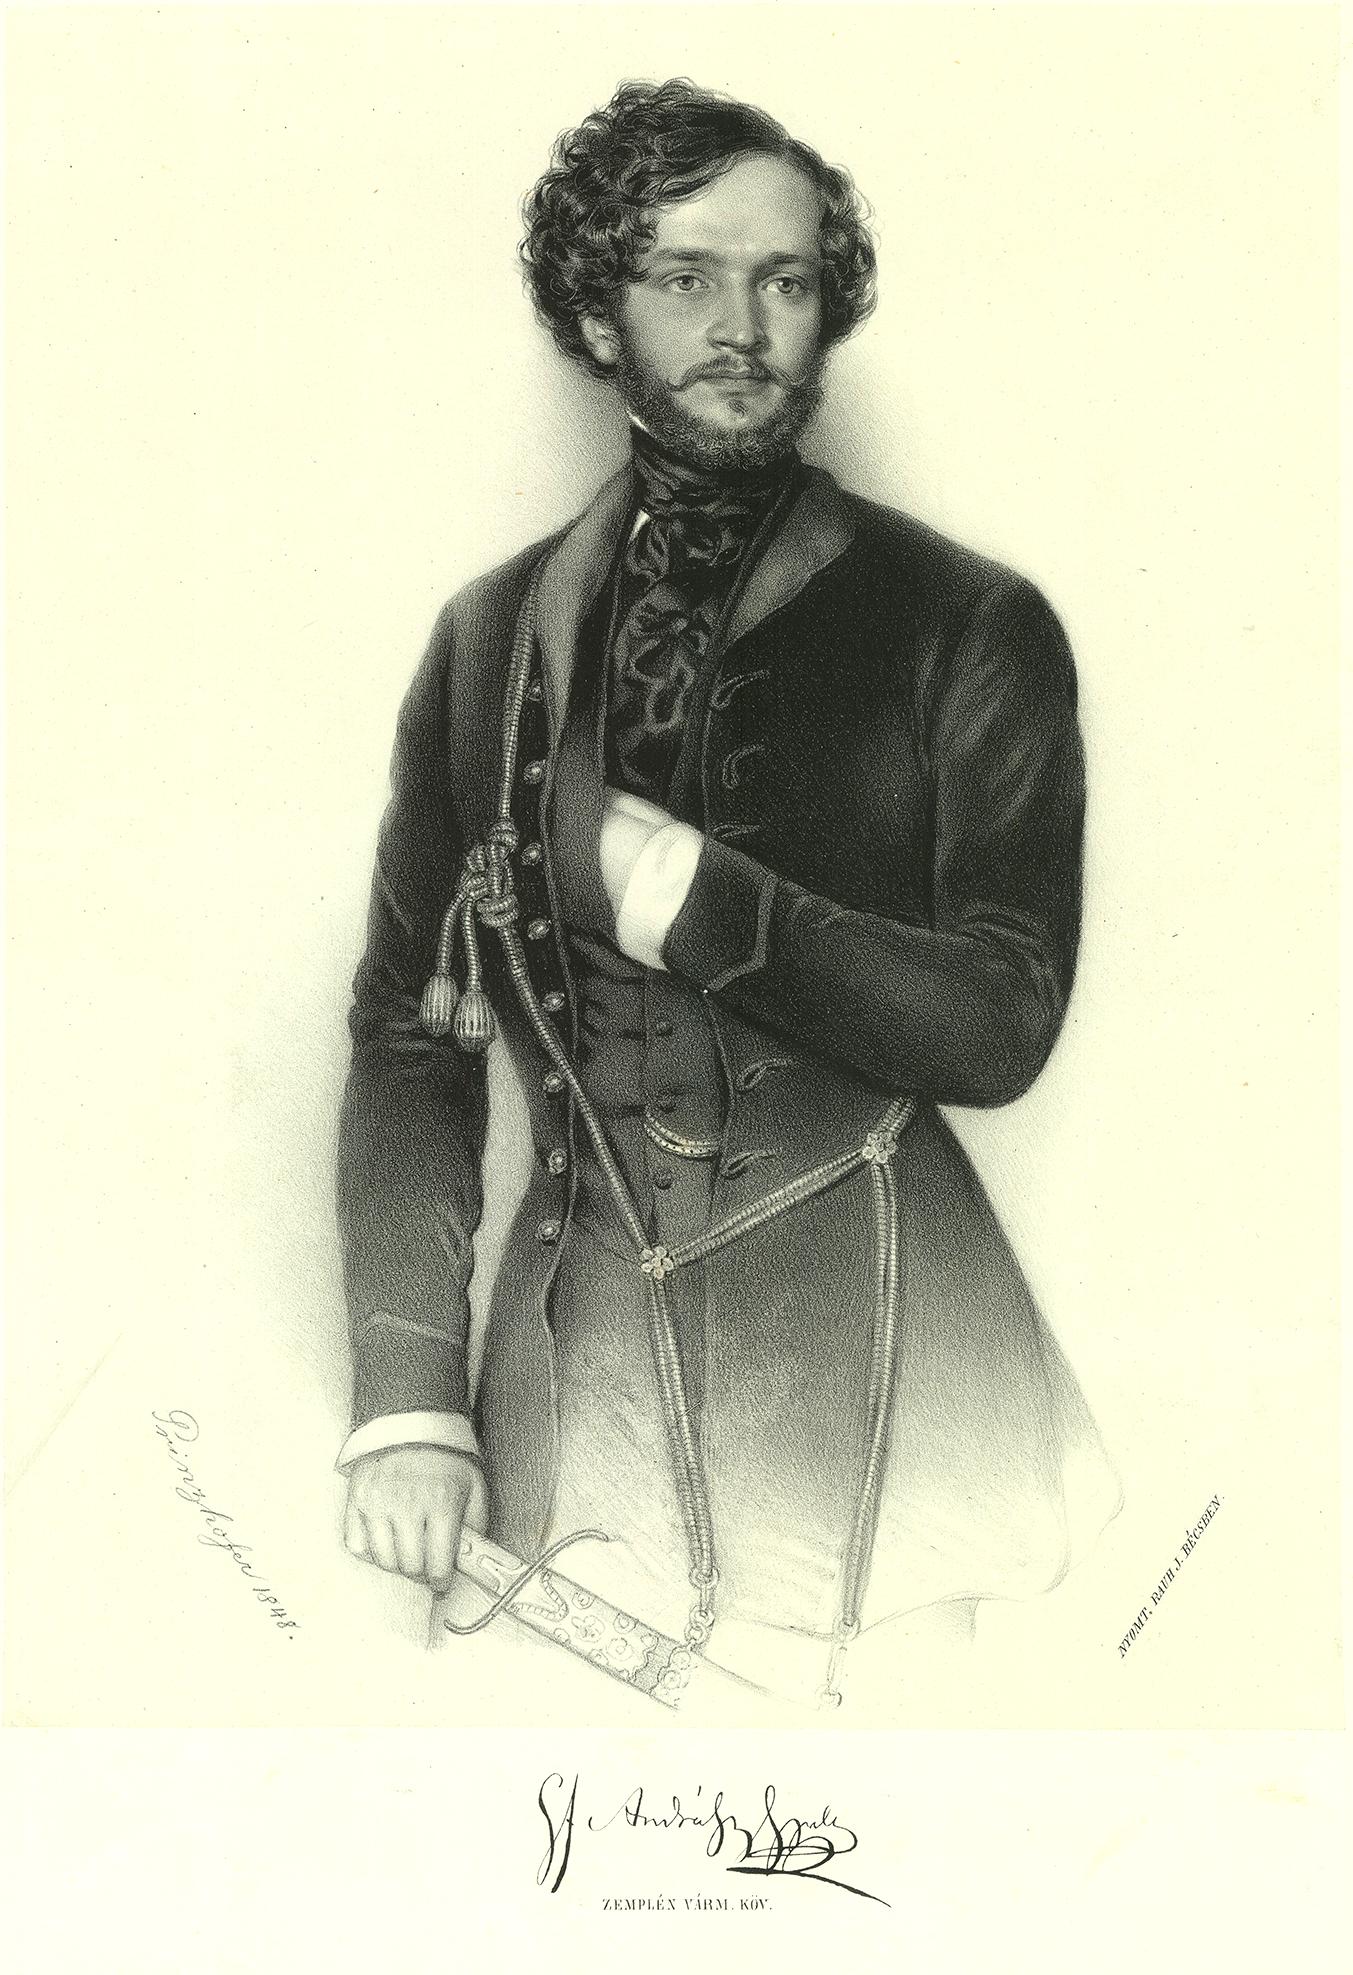 Andrássy Gyula itt még szép, fiatal és rokonszenves (forrás: Wikipedia)